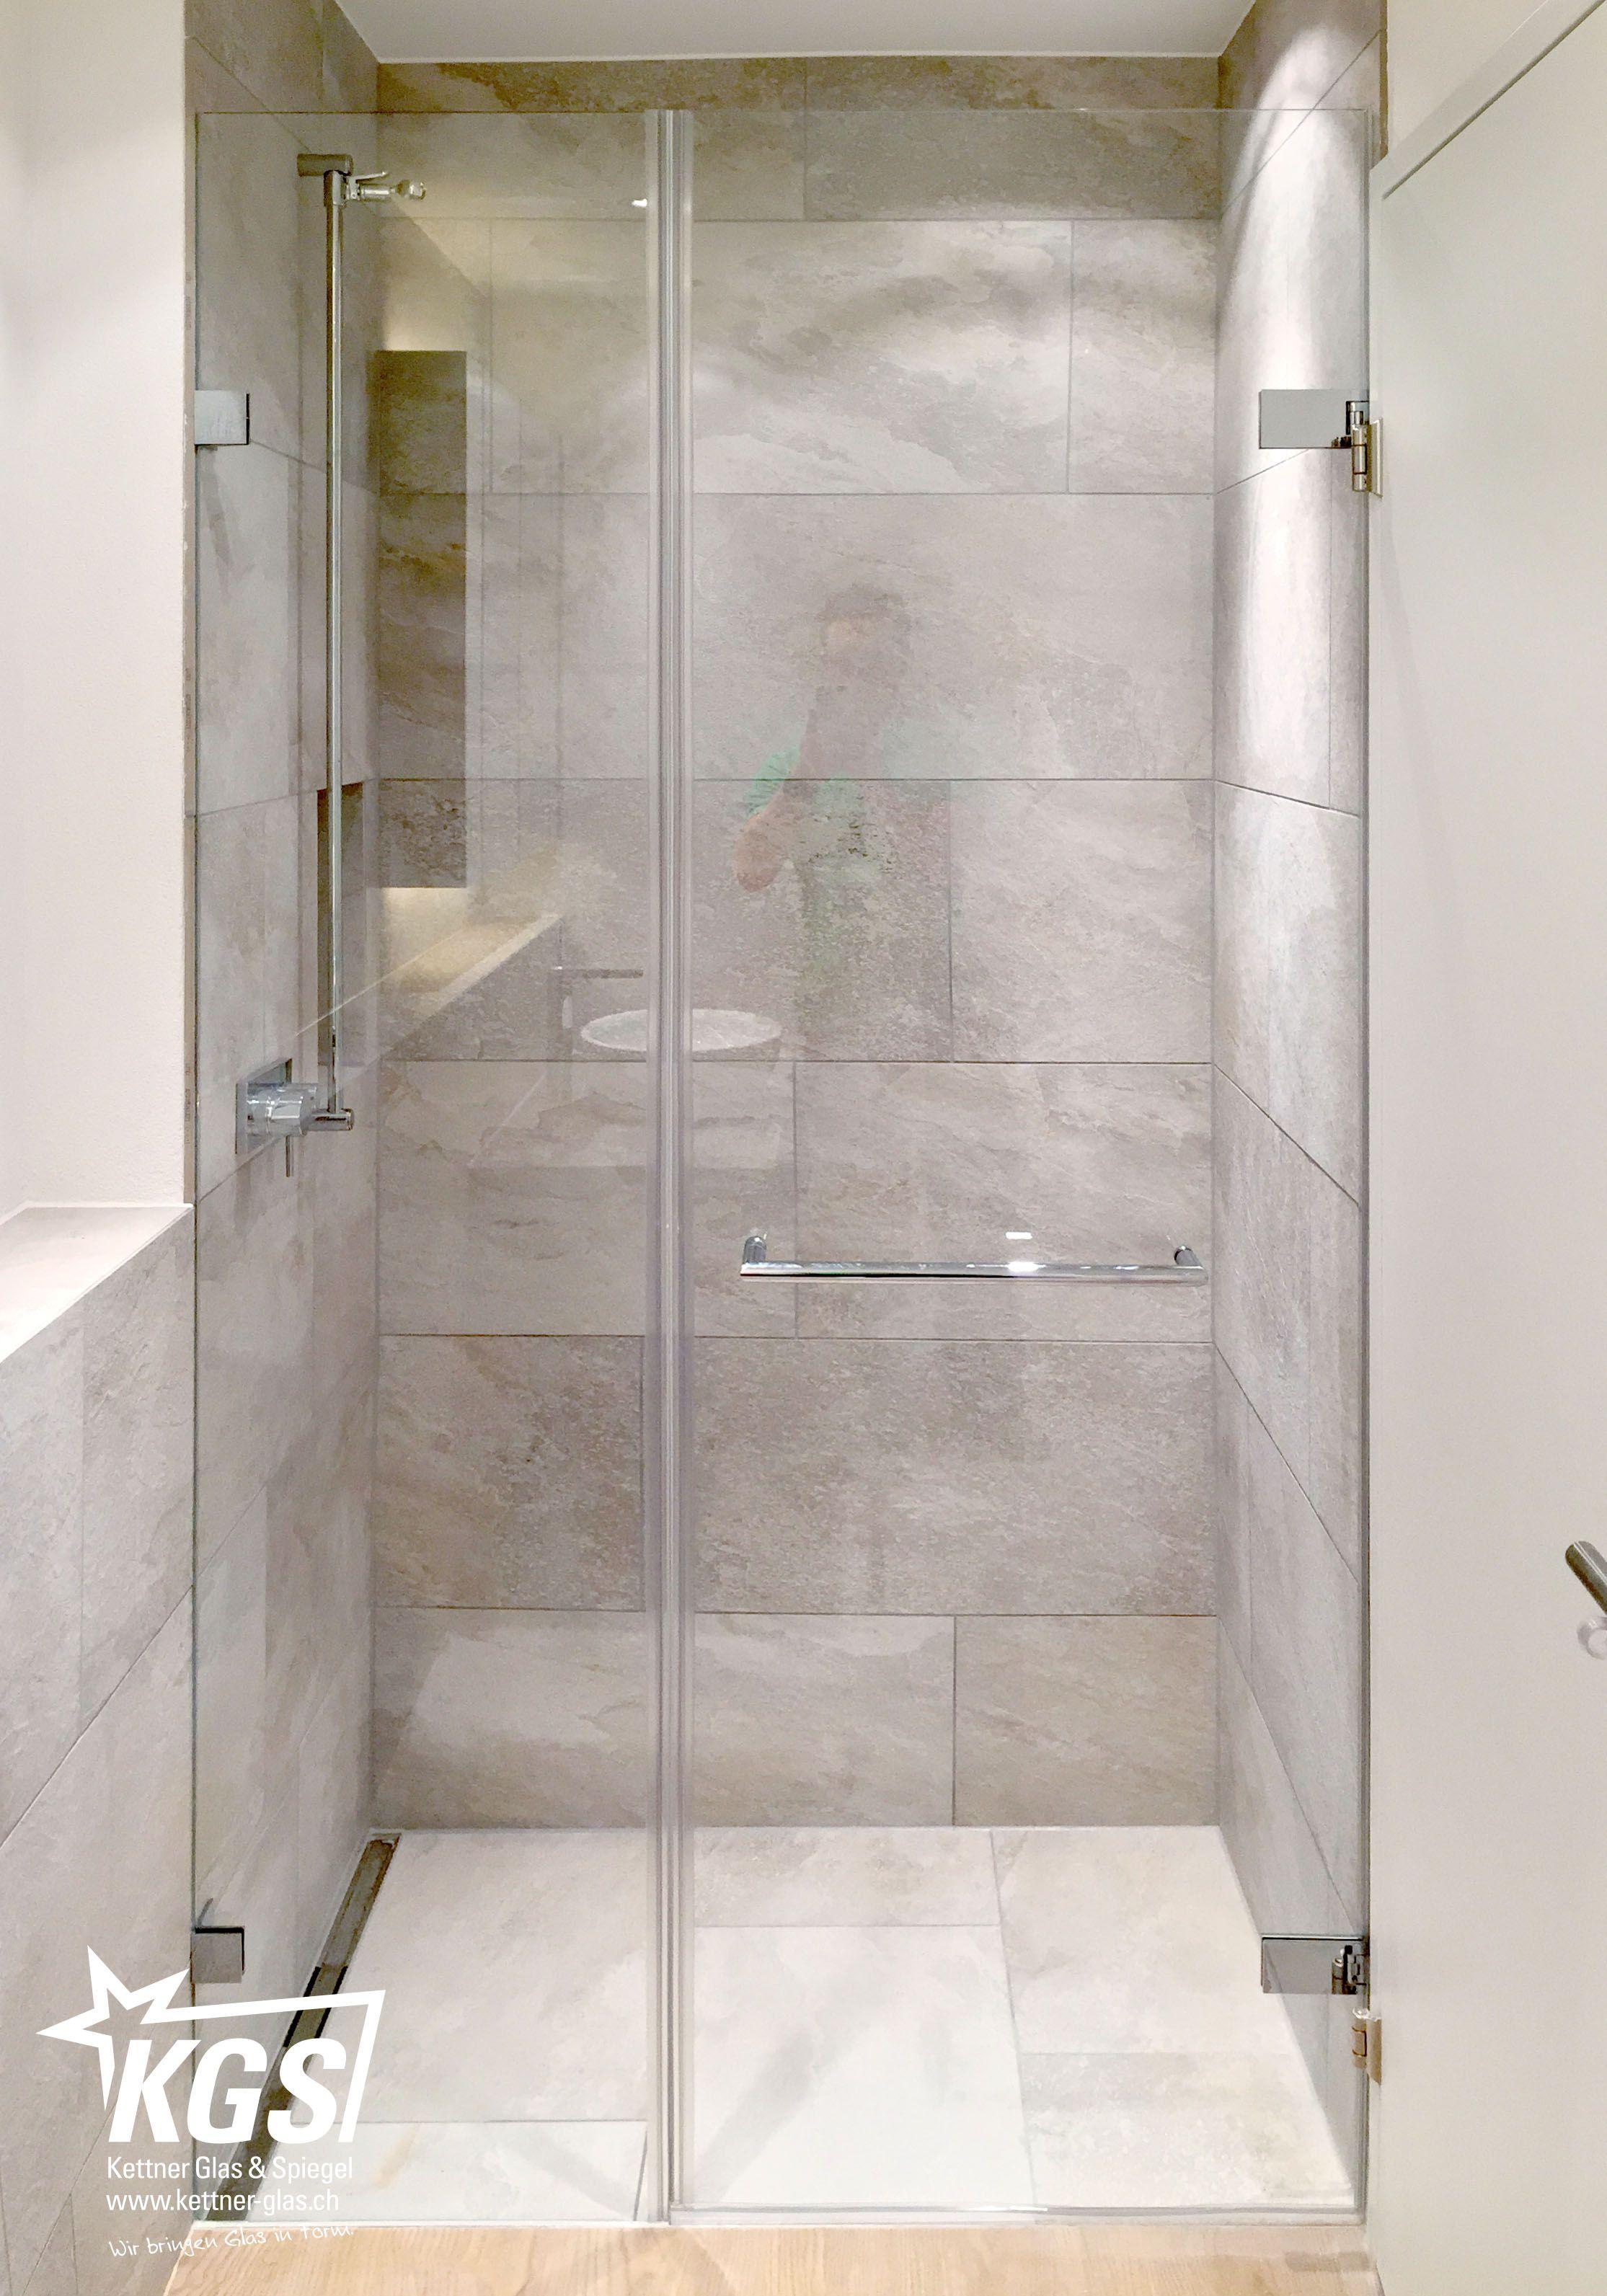 Nischen Duschkabine Aus Klarglas Mit Integriertem Handtuchhalter In Der Echtglas Pendelture Duschkabine Moderne Dusche Dusche